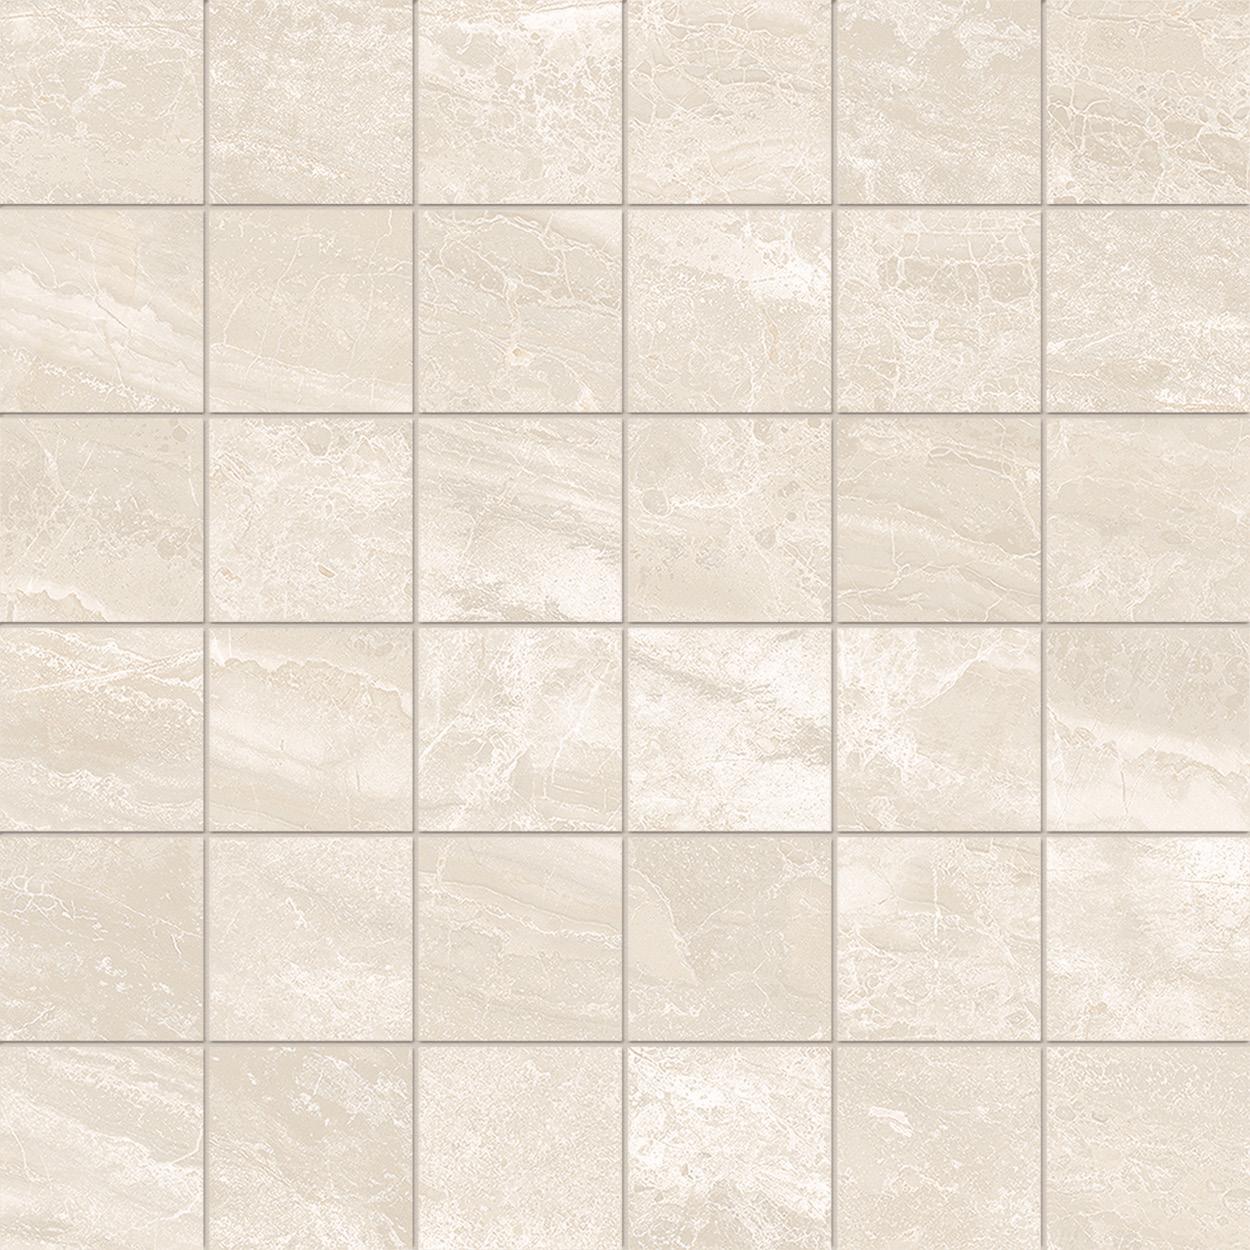 2 x 2 Cosmic Ivory POLISHED porcelain mosaic